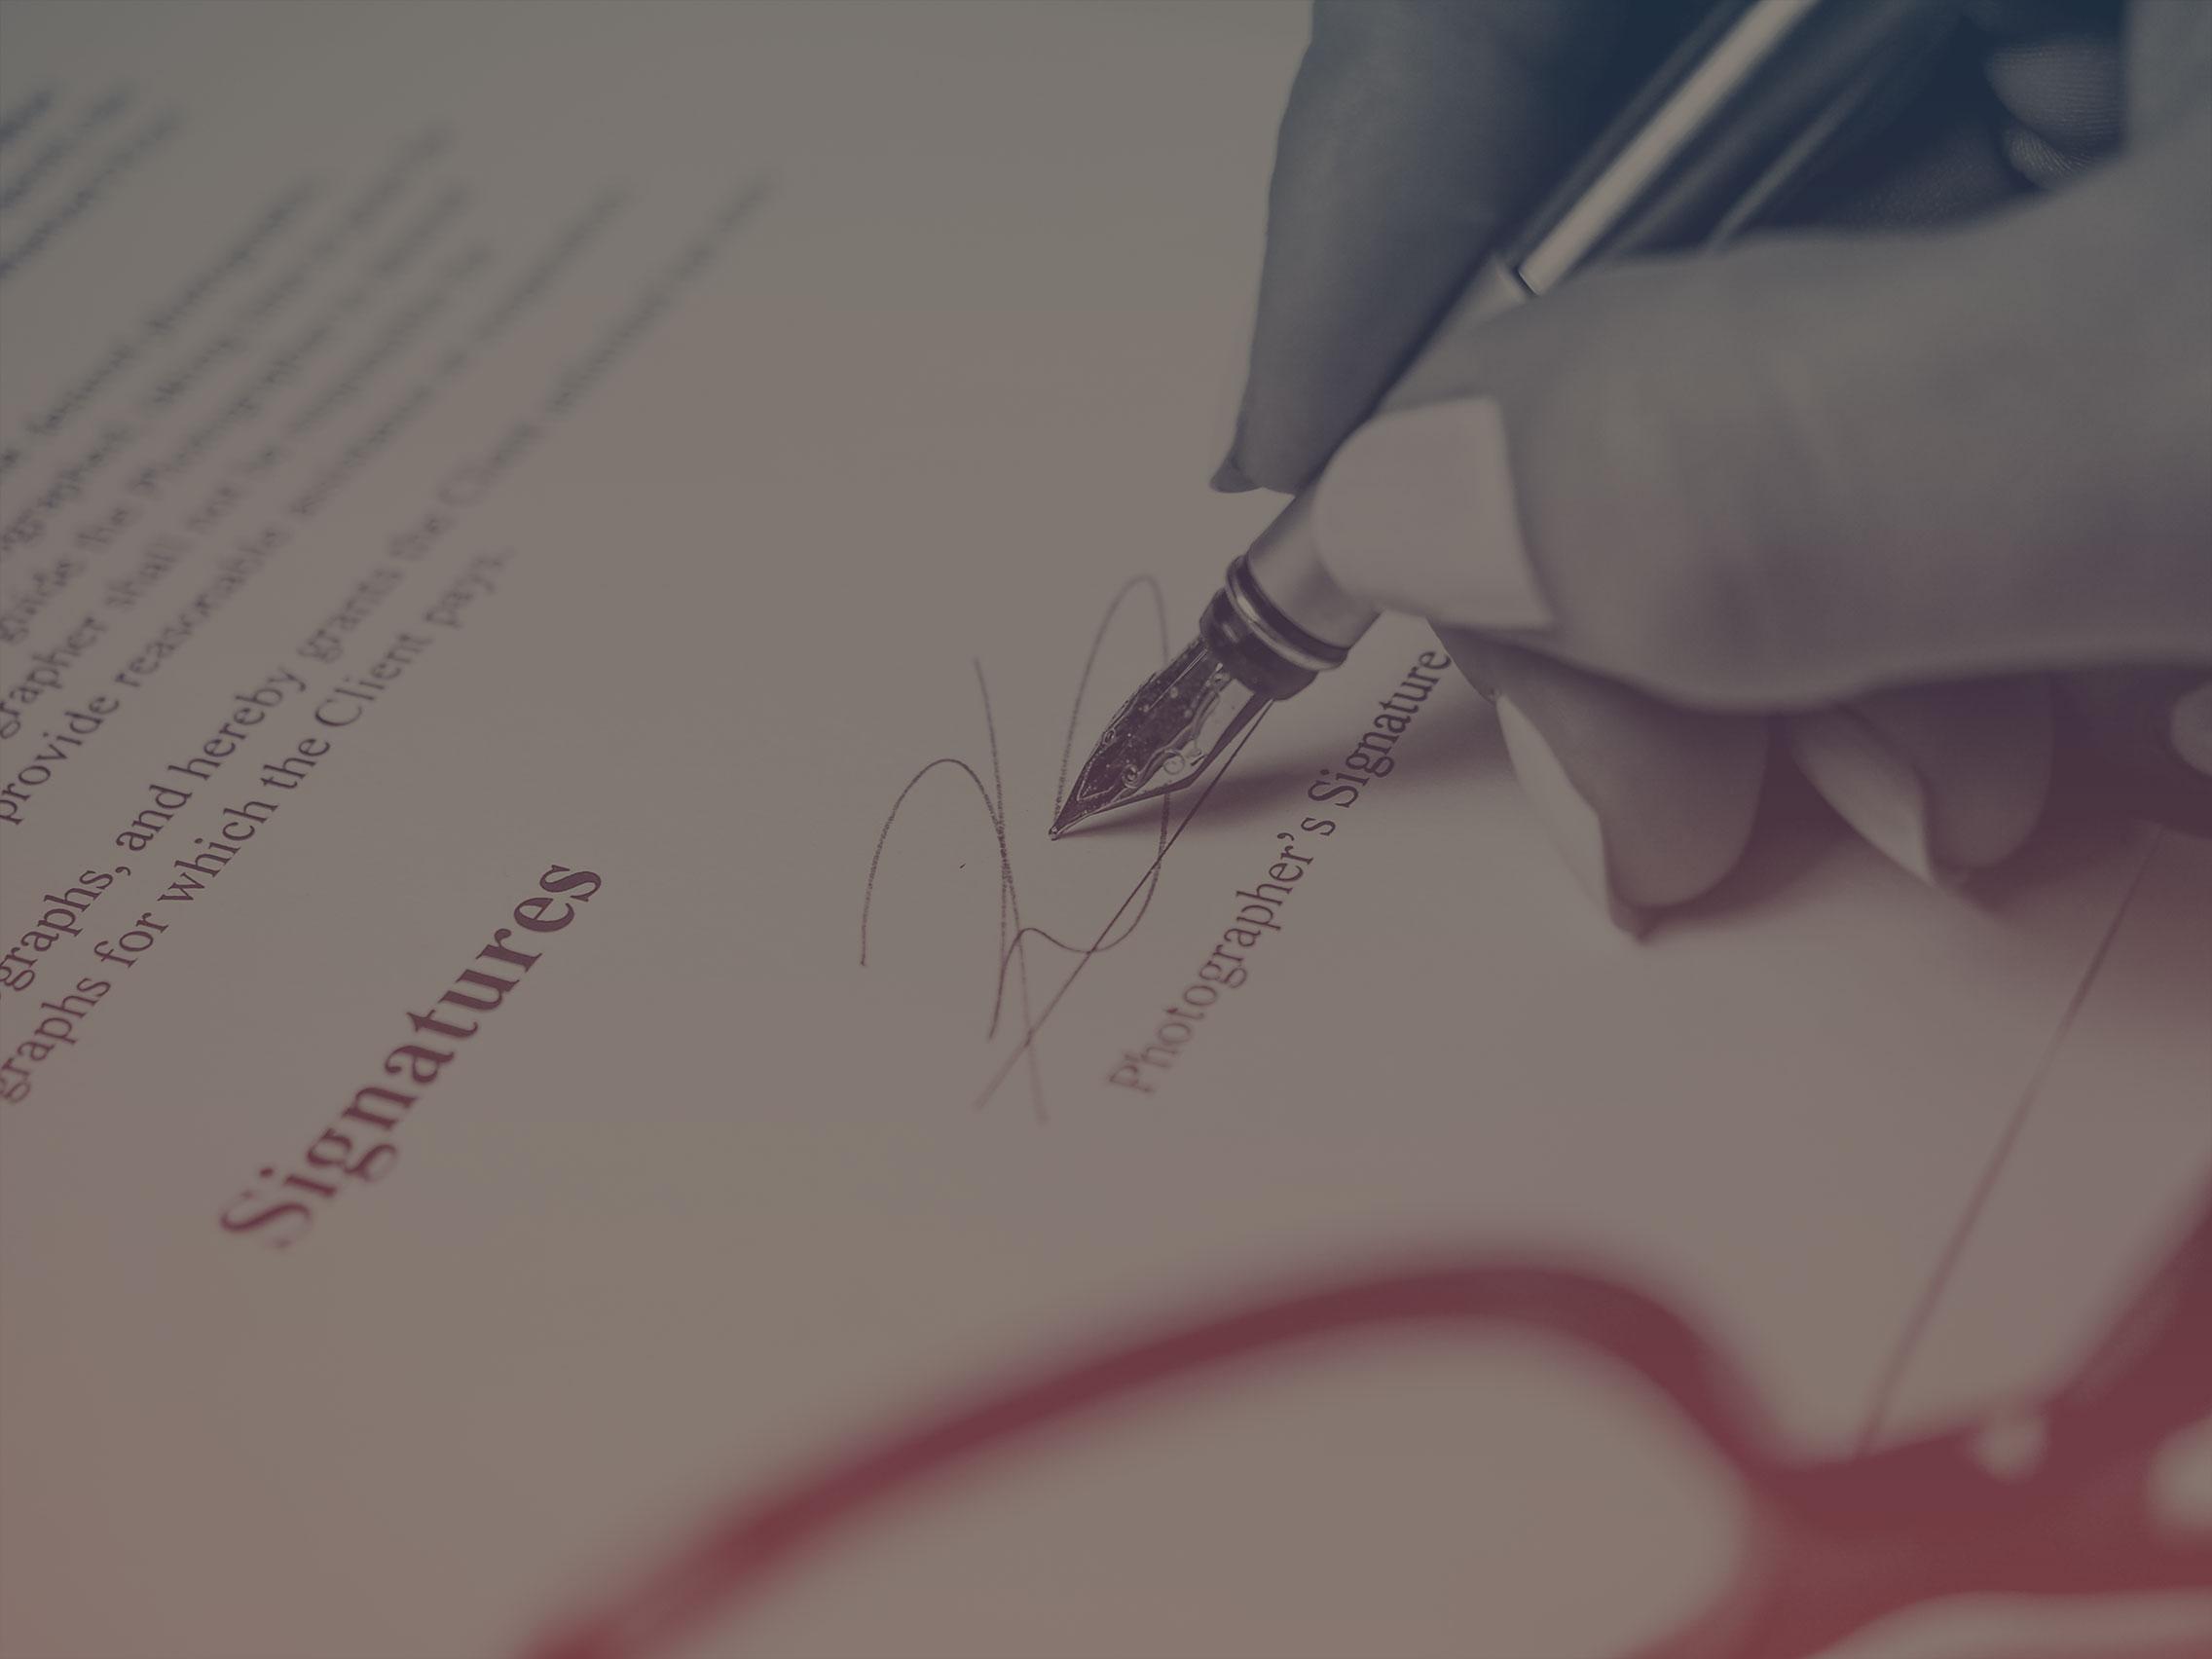 IMPOSTO DE RENDA   Análise, orientação e controle da aplicação dos dispositivos legais vigentes, declaração de imposto de renda da pessoa jurídica, declaração de imposto de renda pessoa física Declaração final de espólio livro caixa.